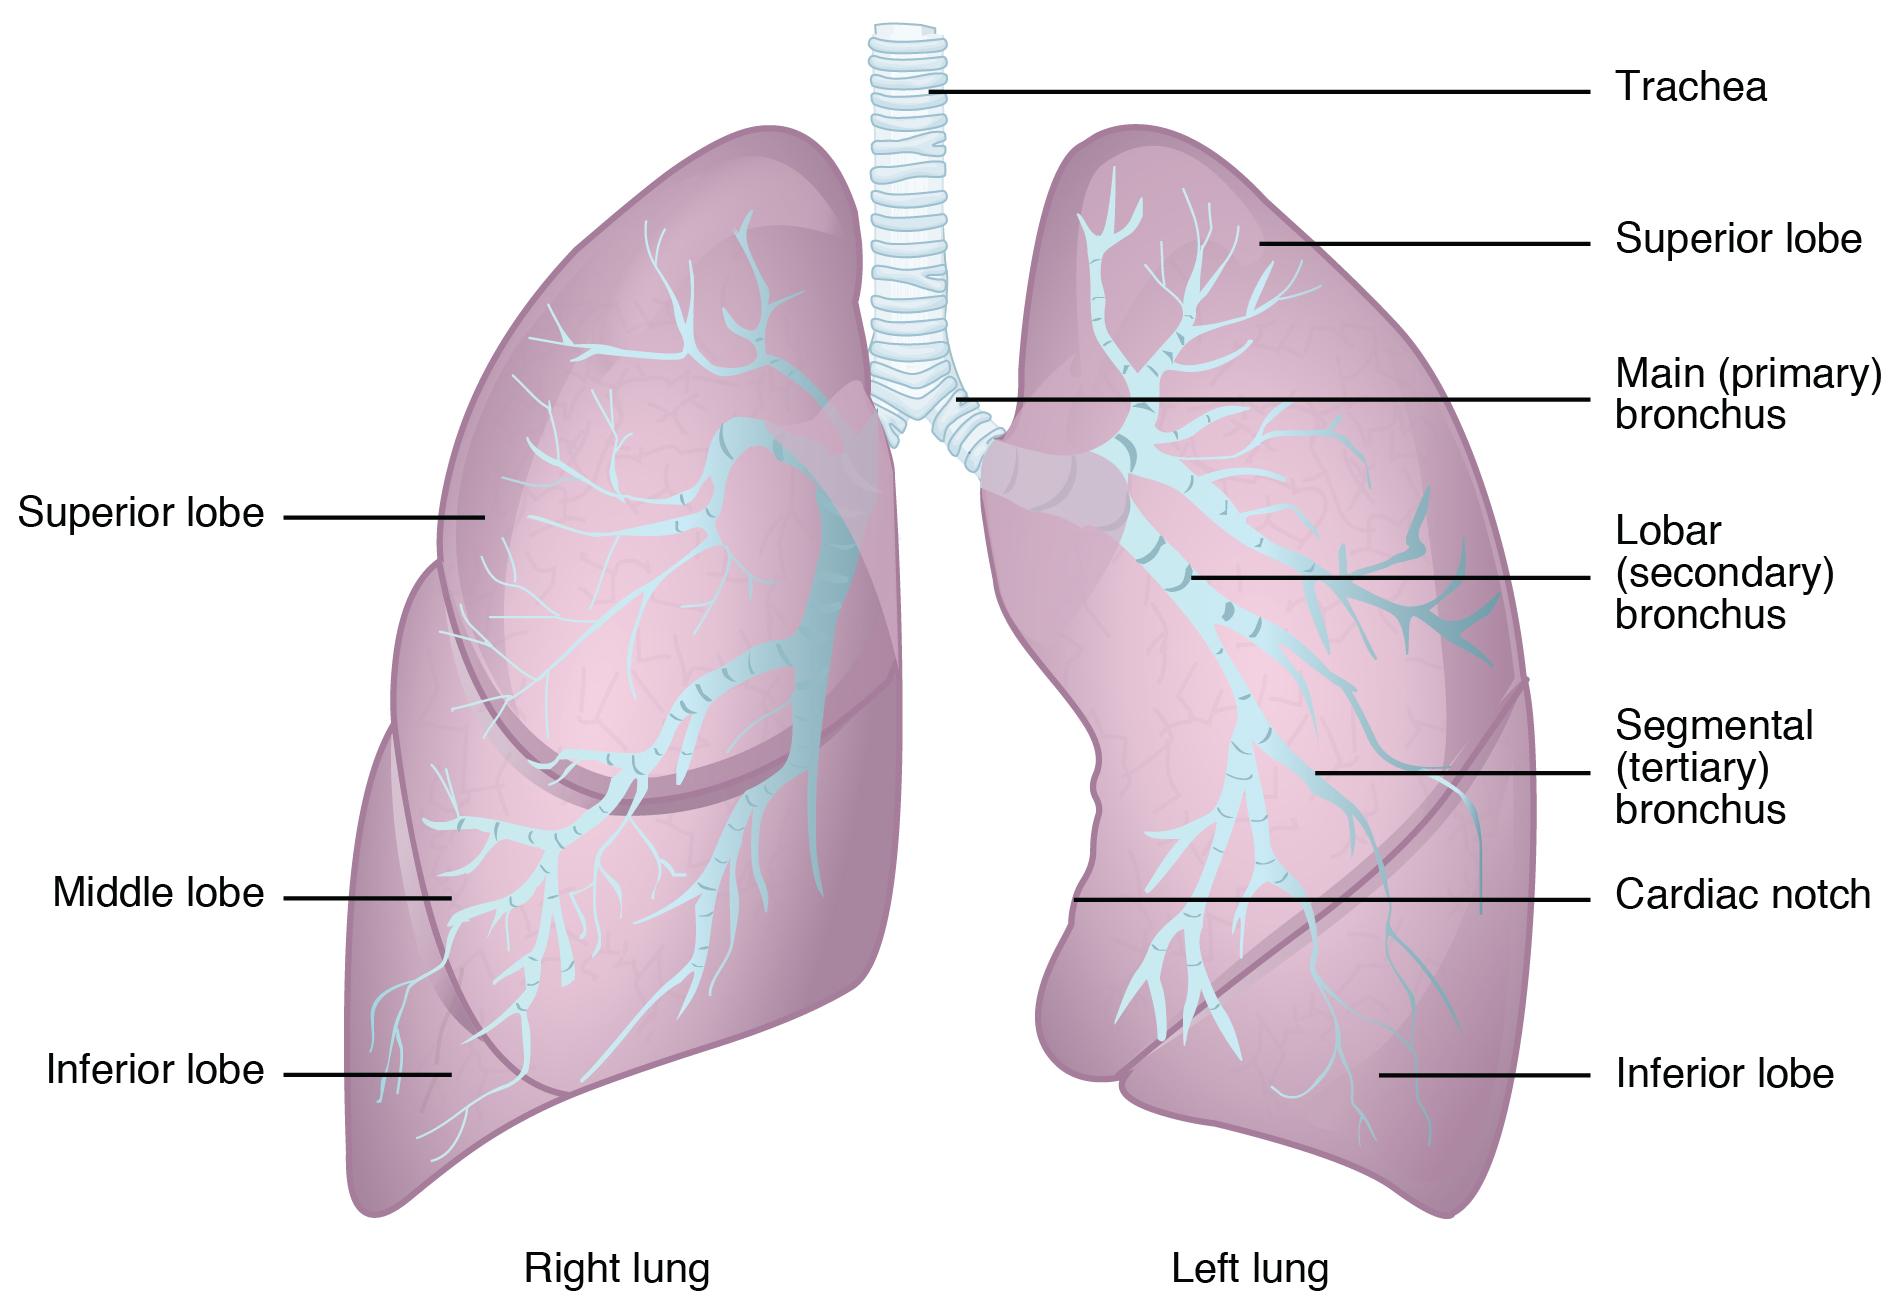 Ziemlich Linke Lunge Anatomie Ideen - Menschliche Anatomie Bilder ...